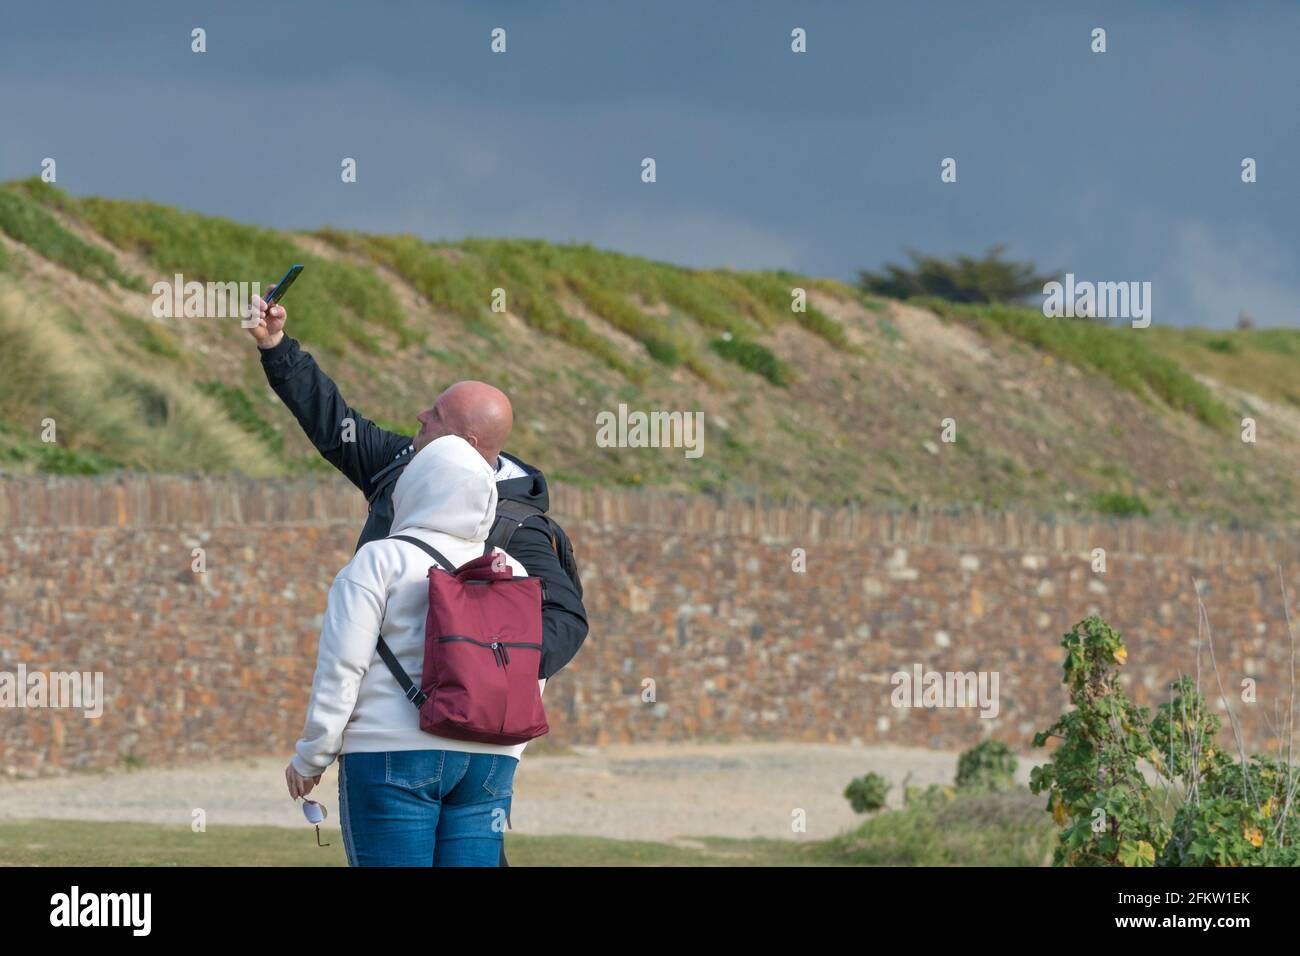 Deux vacanciers utilisant un smartphone pour prendre une photo de selfie en vacances à Newquay, en Cornouailles. Banque D'Images